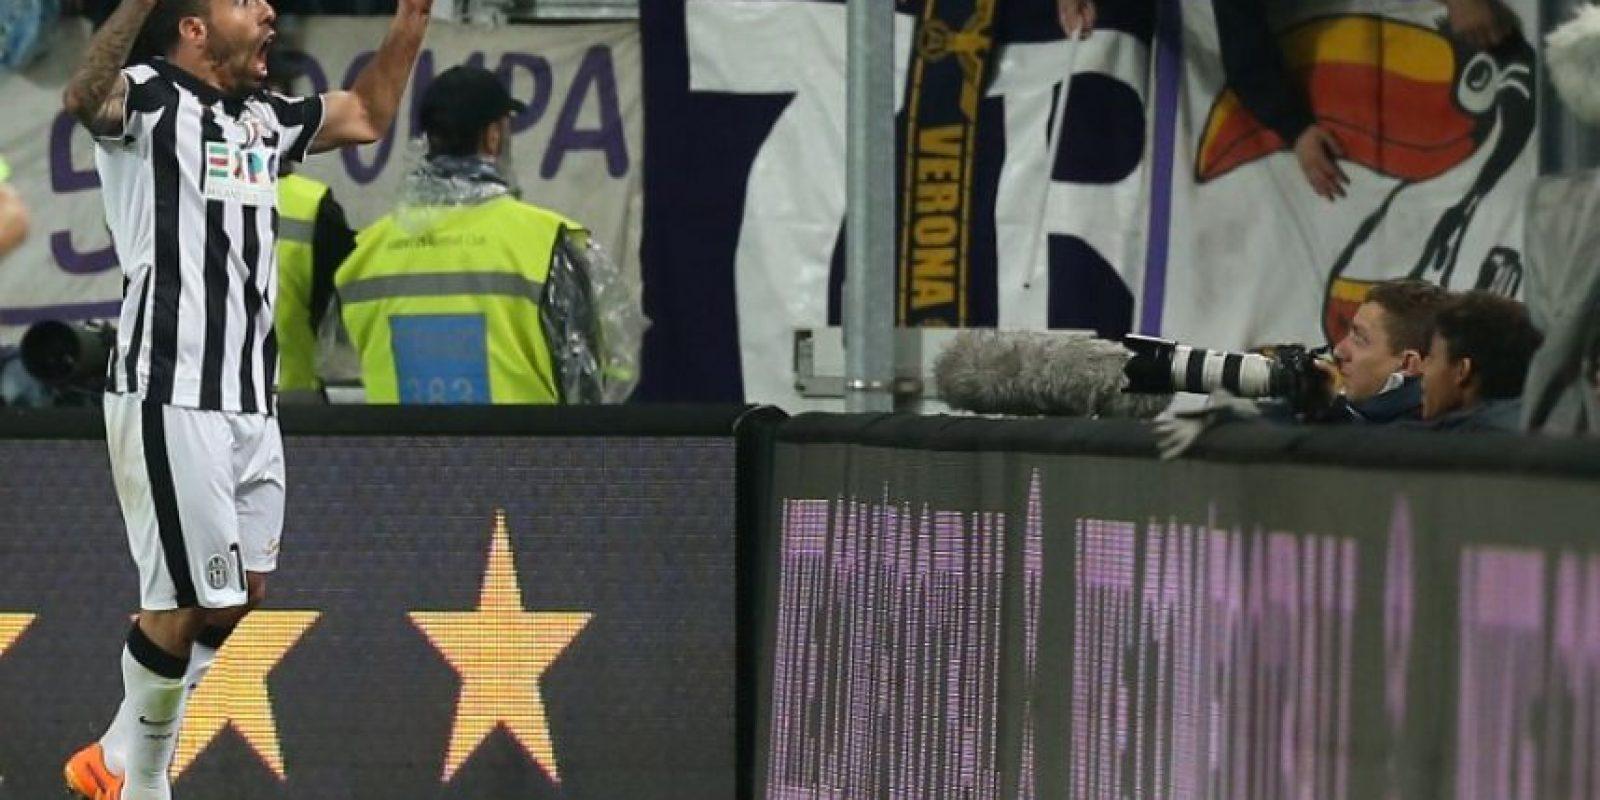 La sanción le impedirá a los seguidores de la Juve estar en las gradas. Foto:AFP